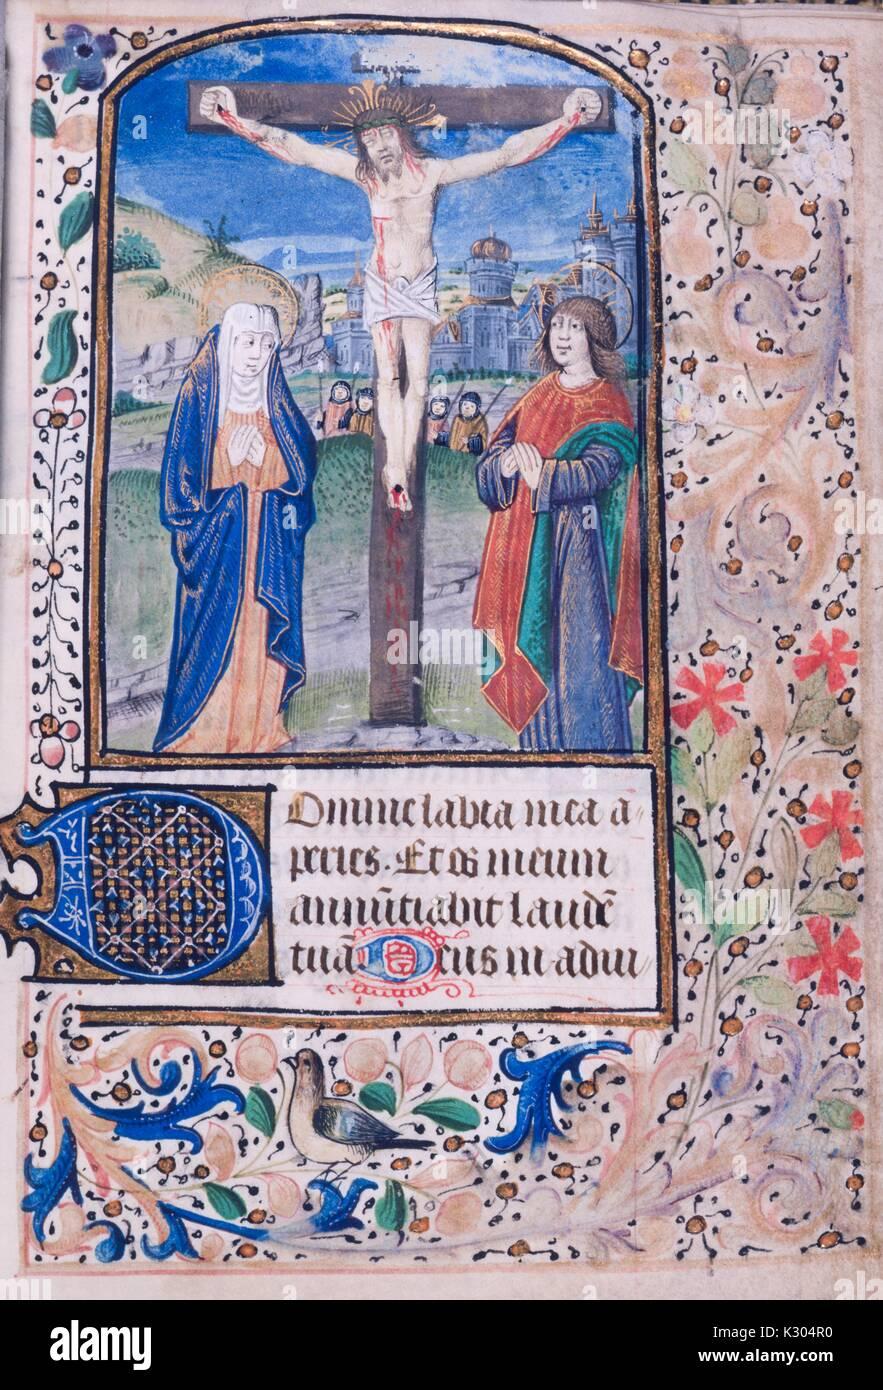 Manoscritto illuminato pagina raffigurante Gesù Cristo sulla croce, dalla 'Horae Beatae Virginis, ' una preghiera in latino prenota presumibilmente da una comunità di monache, 2013. Immagini Stock